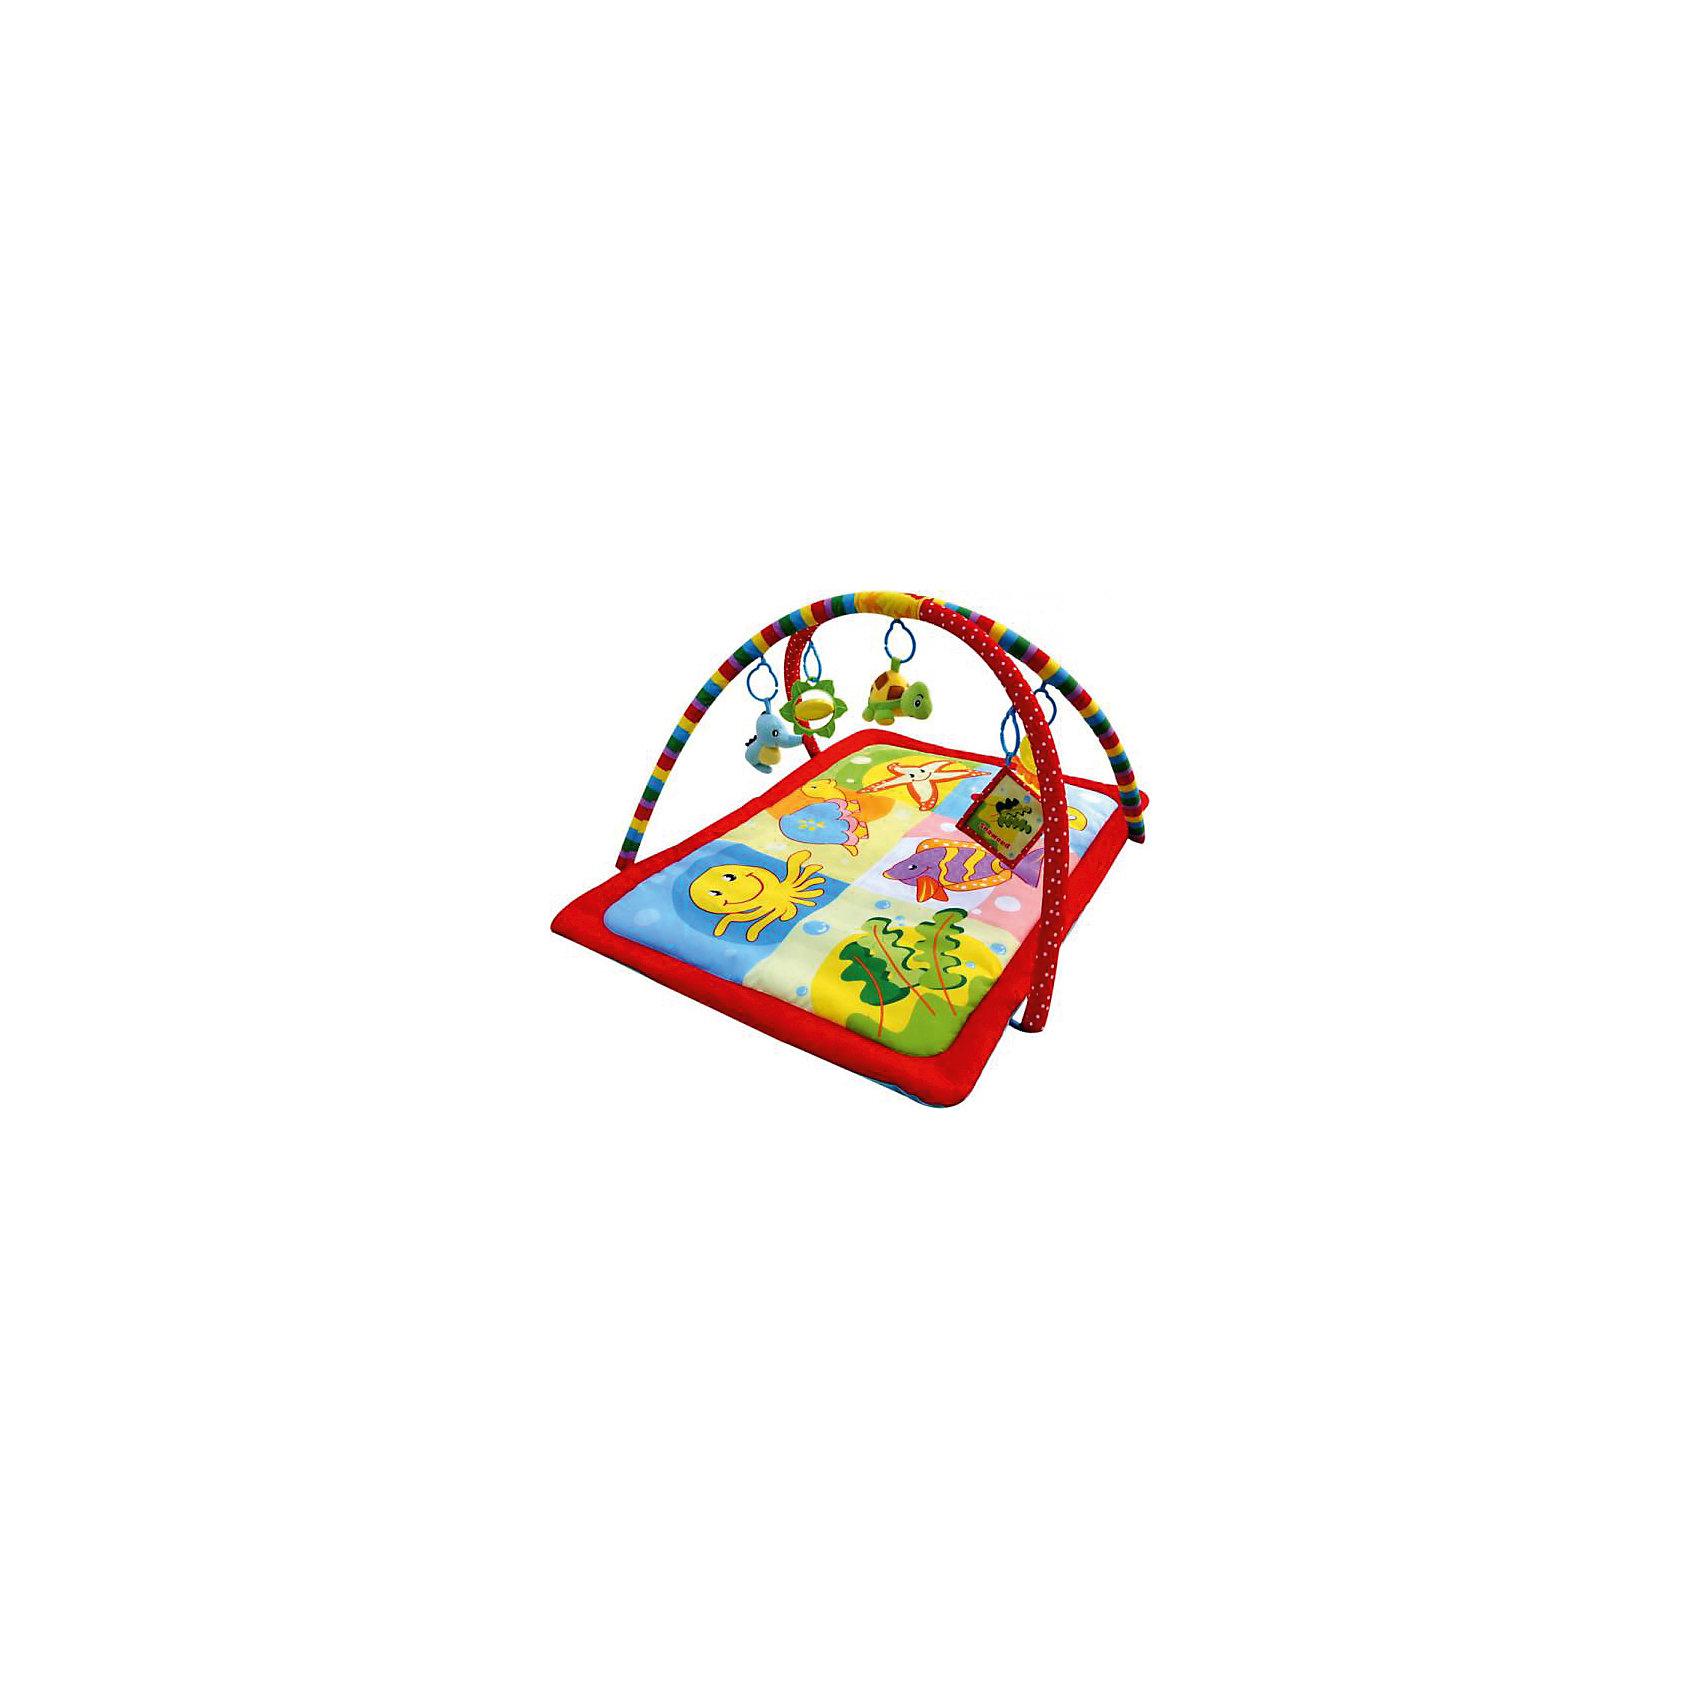 Развивающий коврик Морская вечеринка, LaDiDaЯркий развивающий коврик обязательно привлечет внимание малышей, надолго их заинтересует и поможет развить моторику, хватательный рефлекс и цветовосприятие. Коврик имеет две дуги, на которых расположены очаровательные игрушки. Подвески выполнены из материалов различных фактур, благодаря чему ваш кроха сможет развить тактильные ощущения, играя с ними. Коврик выполнен из высококачественных материалов, в производстве изделия использованы только качественные безопасные для детей красители. Коврик компактно складывается, удобен в хранении и транспортировке.<br><br>Дополнительная информация:<br><br>- Материал: пластик, текстиль.<br>- Комплектация: коврик с двумя дугами, 5 подвесок (плюшевая черепашка, морской конек с кольцом-погремушкой, вращающееся зеркальце в форме цветка, прорезыватель в форме осьминога).<br>- Размер: 93х68х43 см<br>- Легко стирается. <br><br>Развивающий коврик Морская вечеринка, LaDiDa, можно купить в нашем магазине.<br><br>Ширина мм: 570<br>Глубина мм: 550<br>Высота мм: 60<br>Вес г: 800<br>Возраст от месяцев: 0<br>Возраст до месяцев: 36<br>Пол: Унисекс<br>Возраст: Детский<br>SKU: 4443758